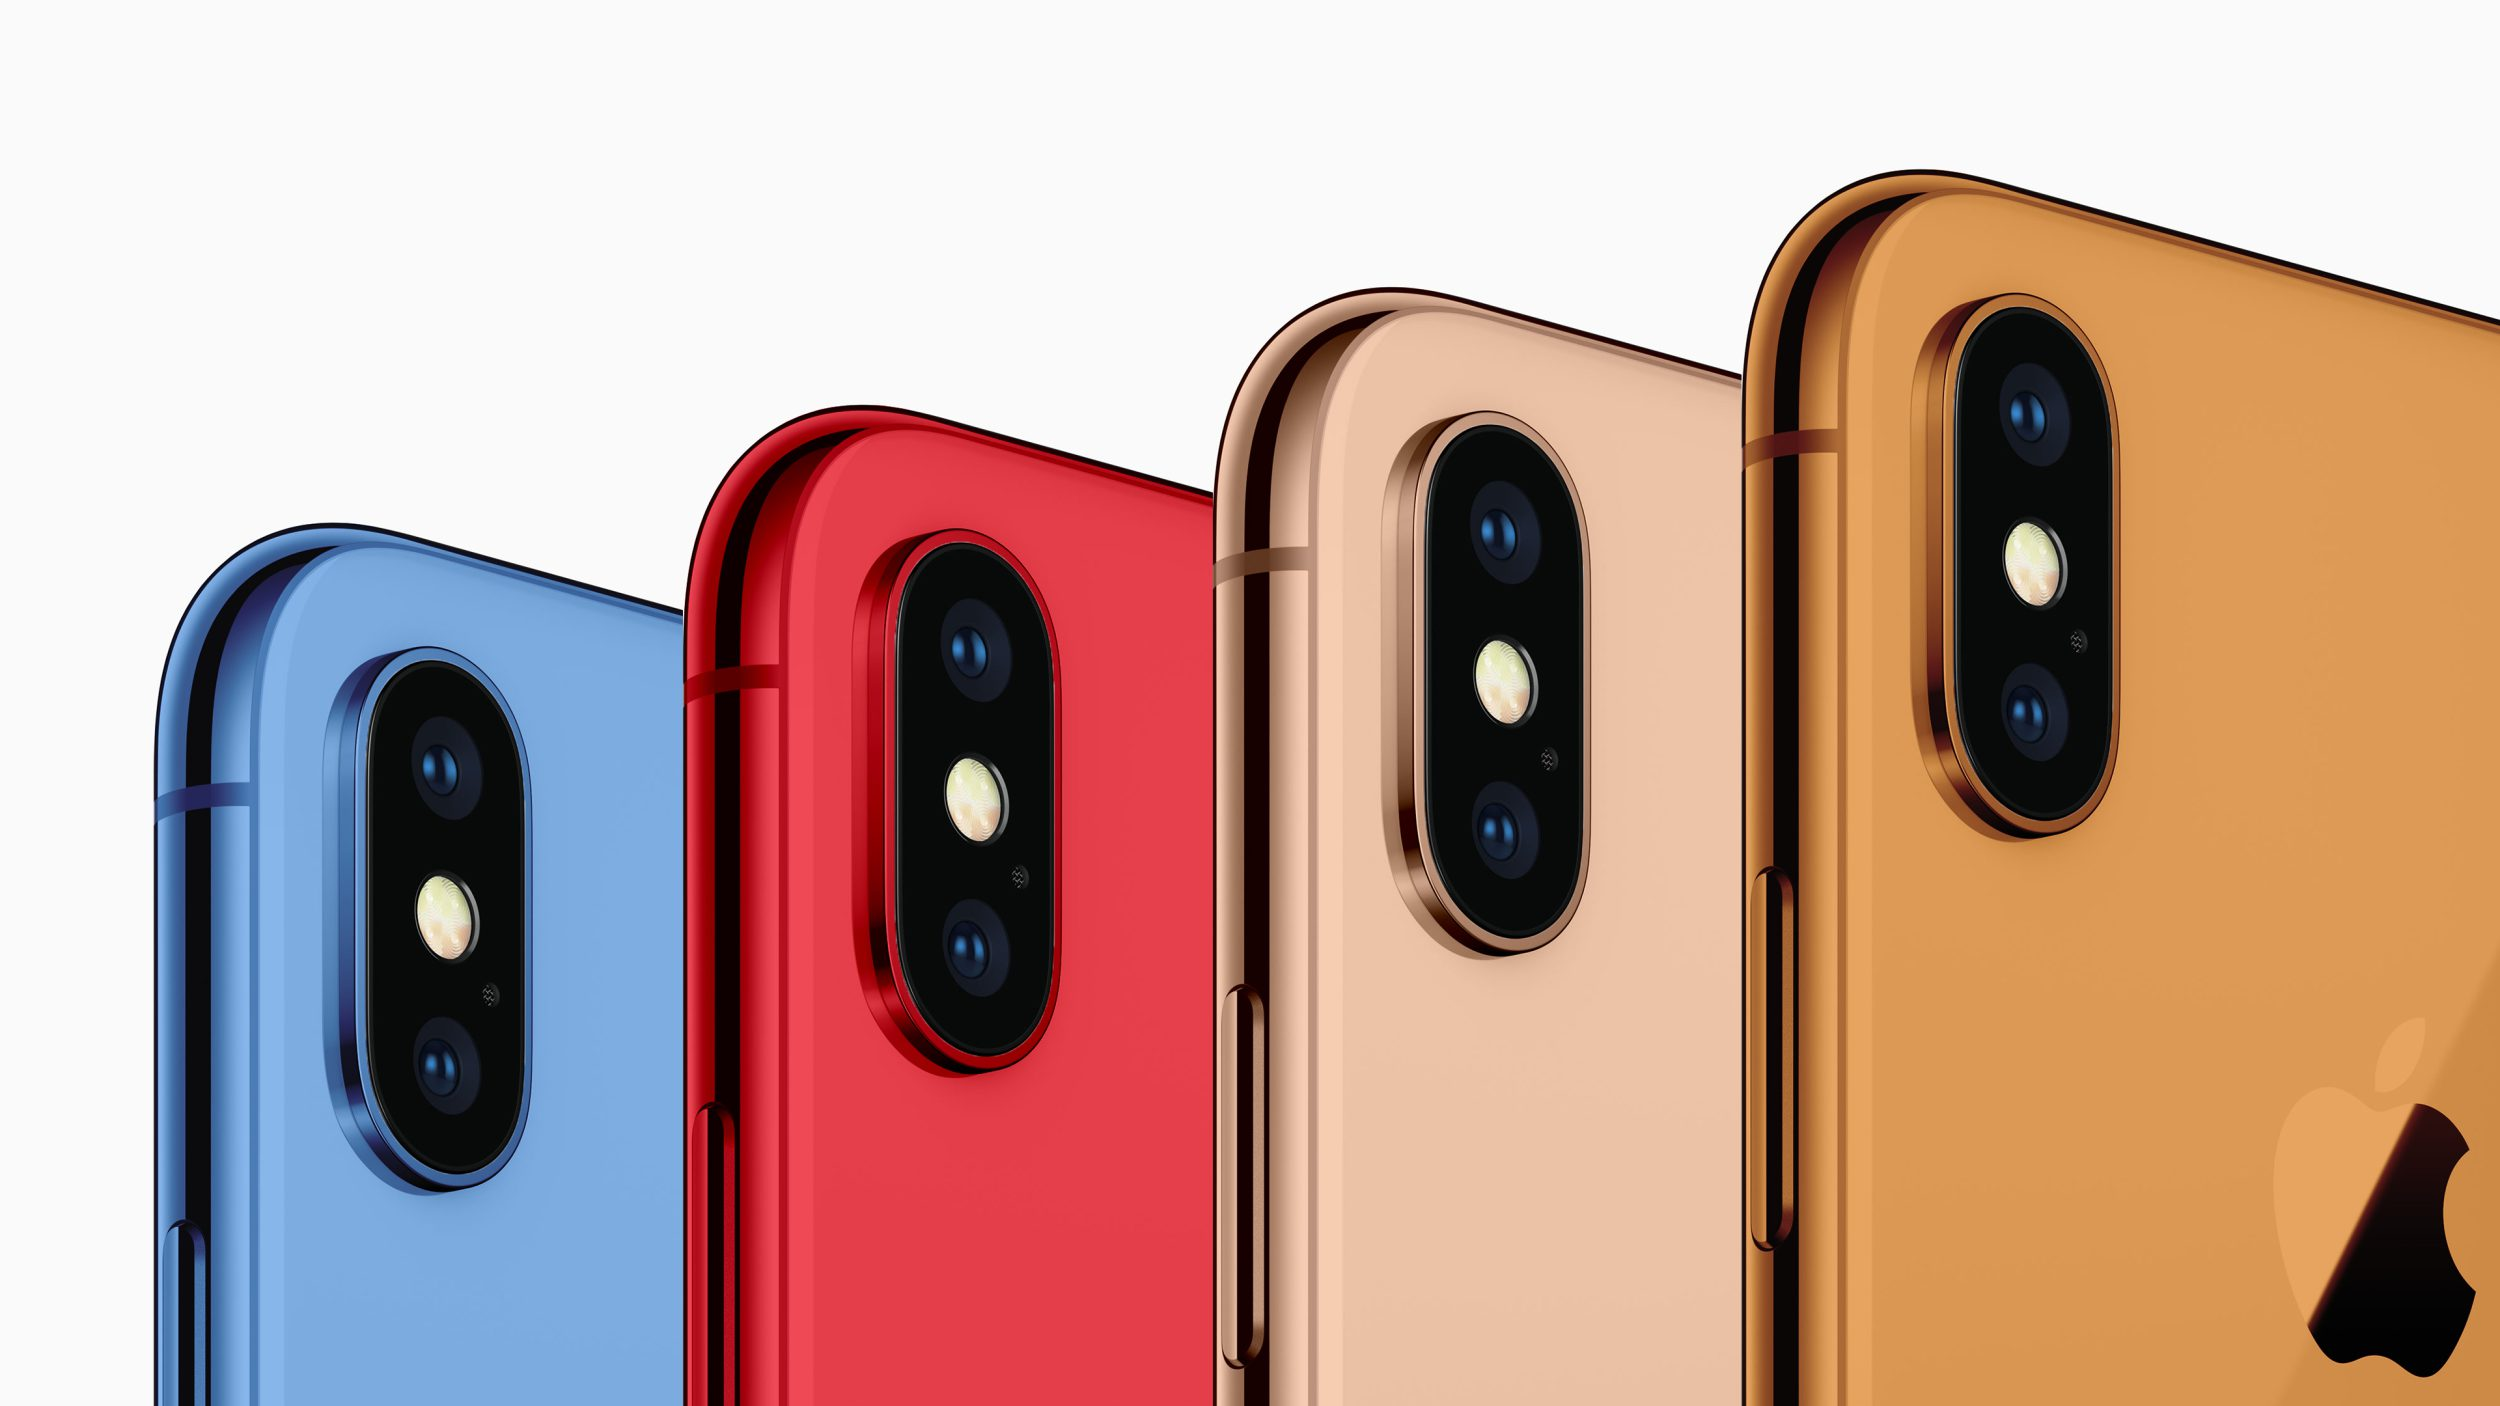 Quand se tiendra le keynote Apple de rentrée ? Quelle date de sortie des nouveaux iPhone 2018 ? ... Les stats parlent 1